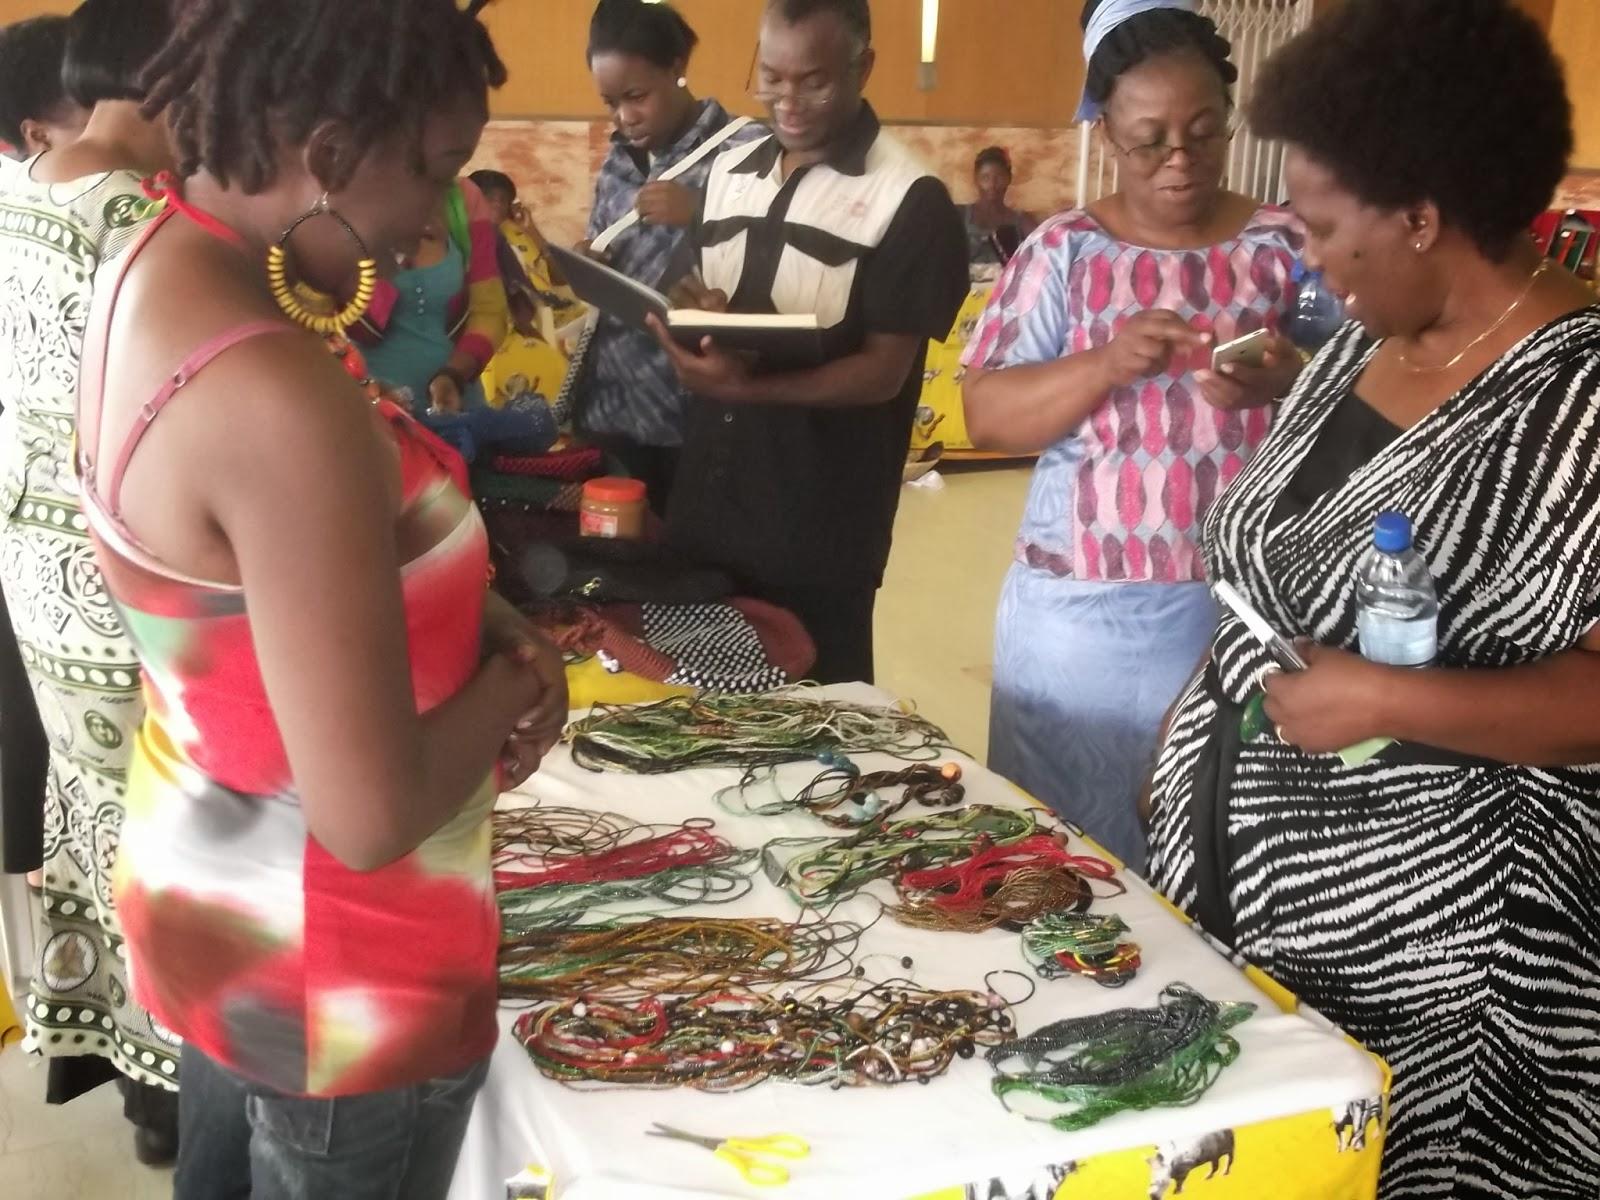 lusaka ladies dating 100% free online dating site lusaka, free chat with lusaka singles, lusaka personals completely free dating site lusaka no hidden charges.